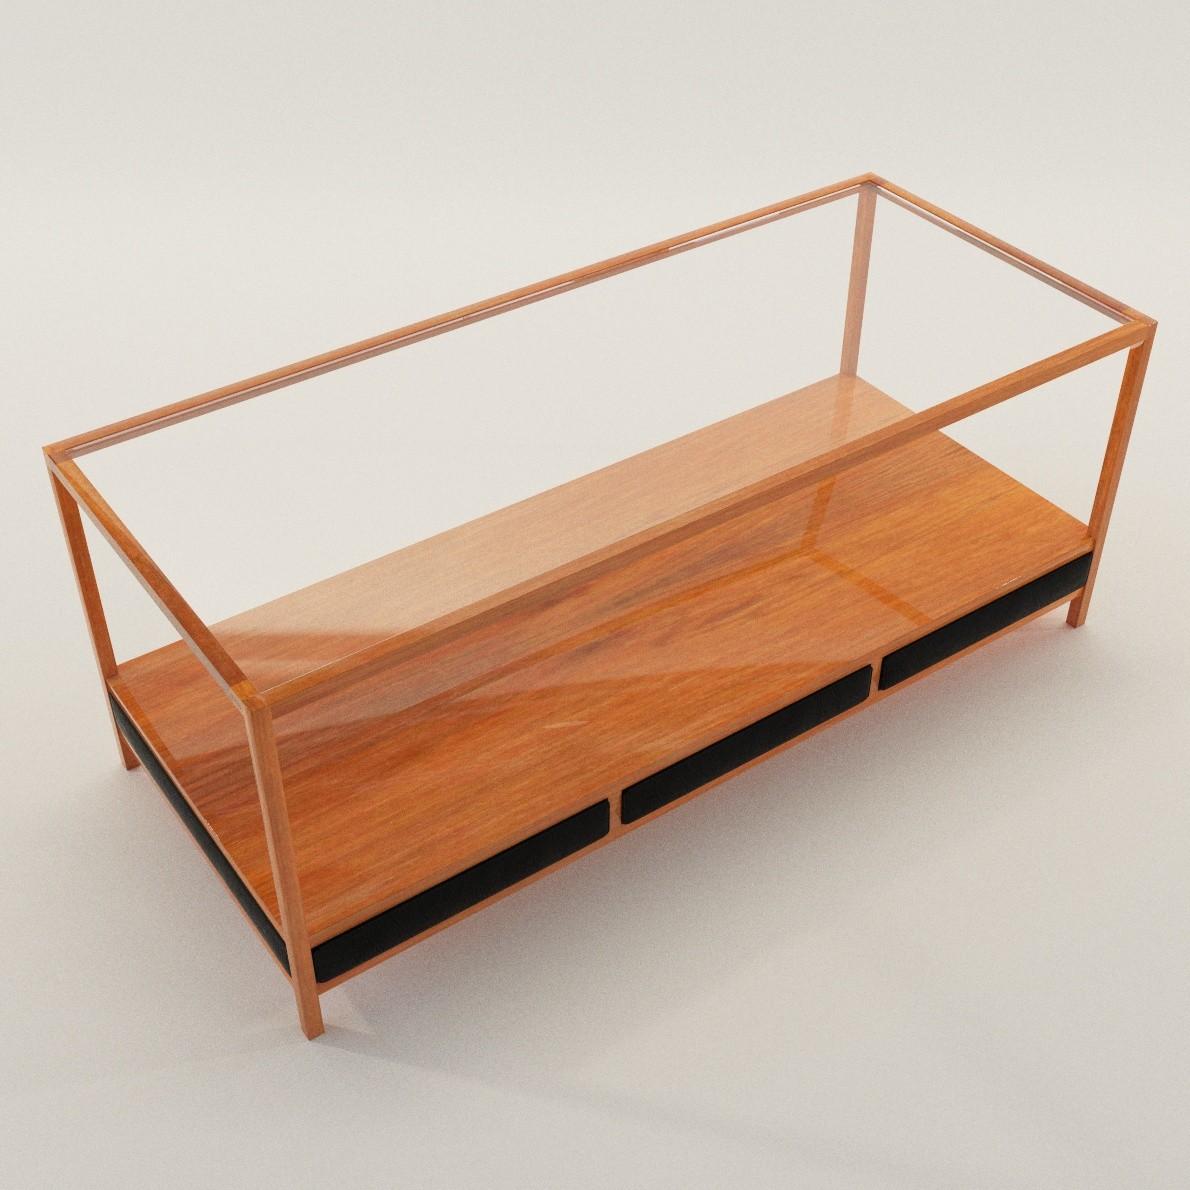 Coach table new design 3d realistic model artium3d for 3d table design